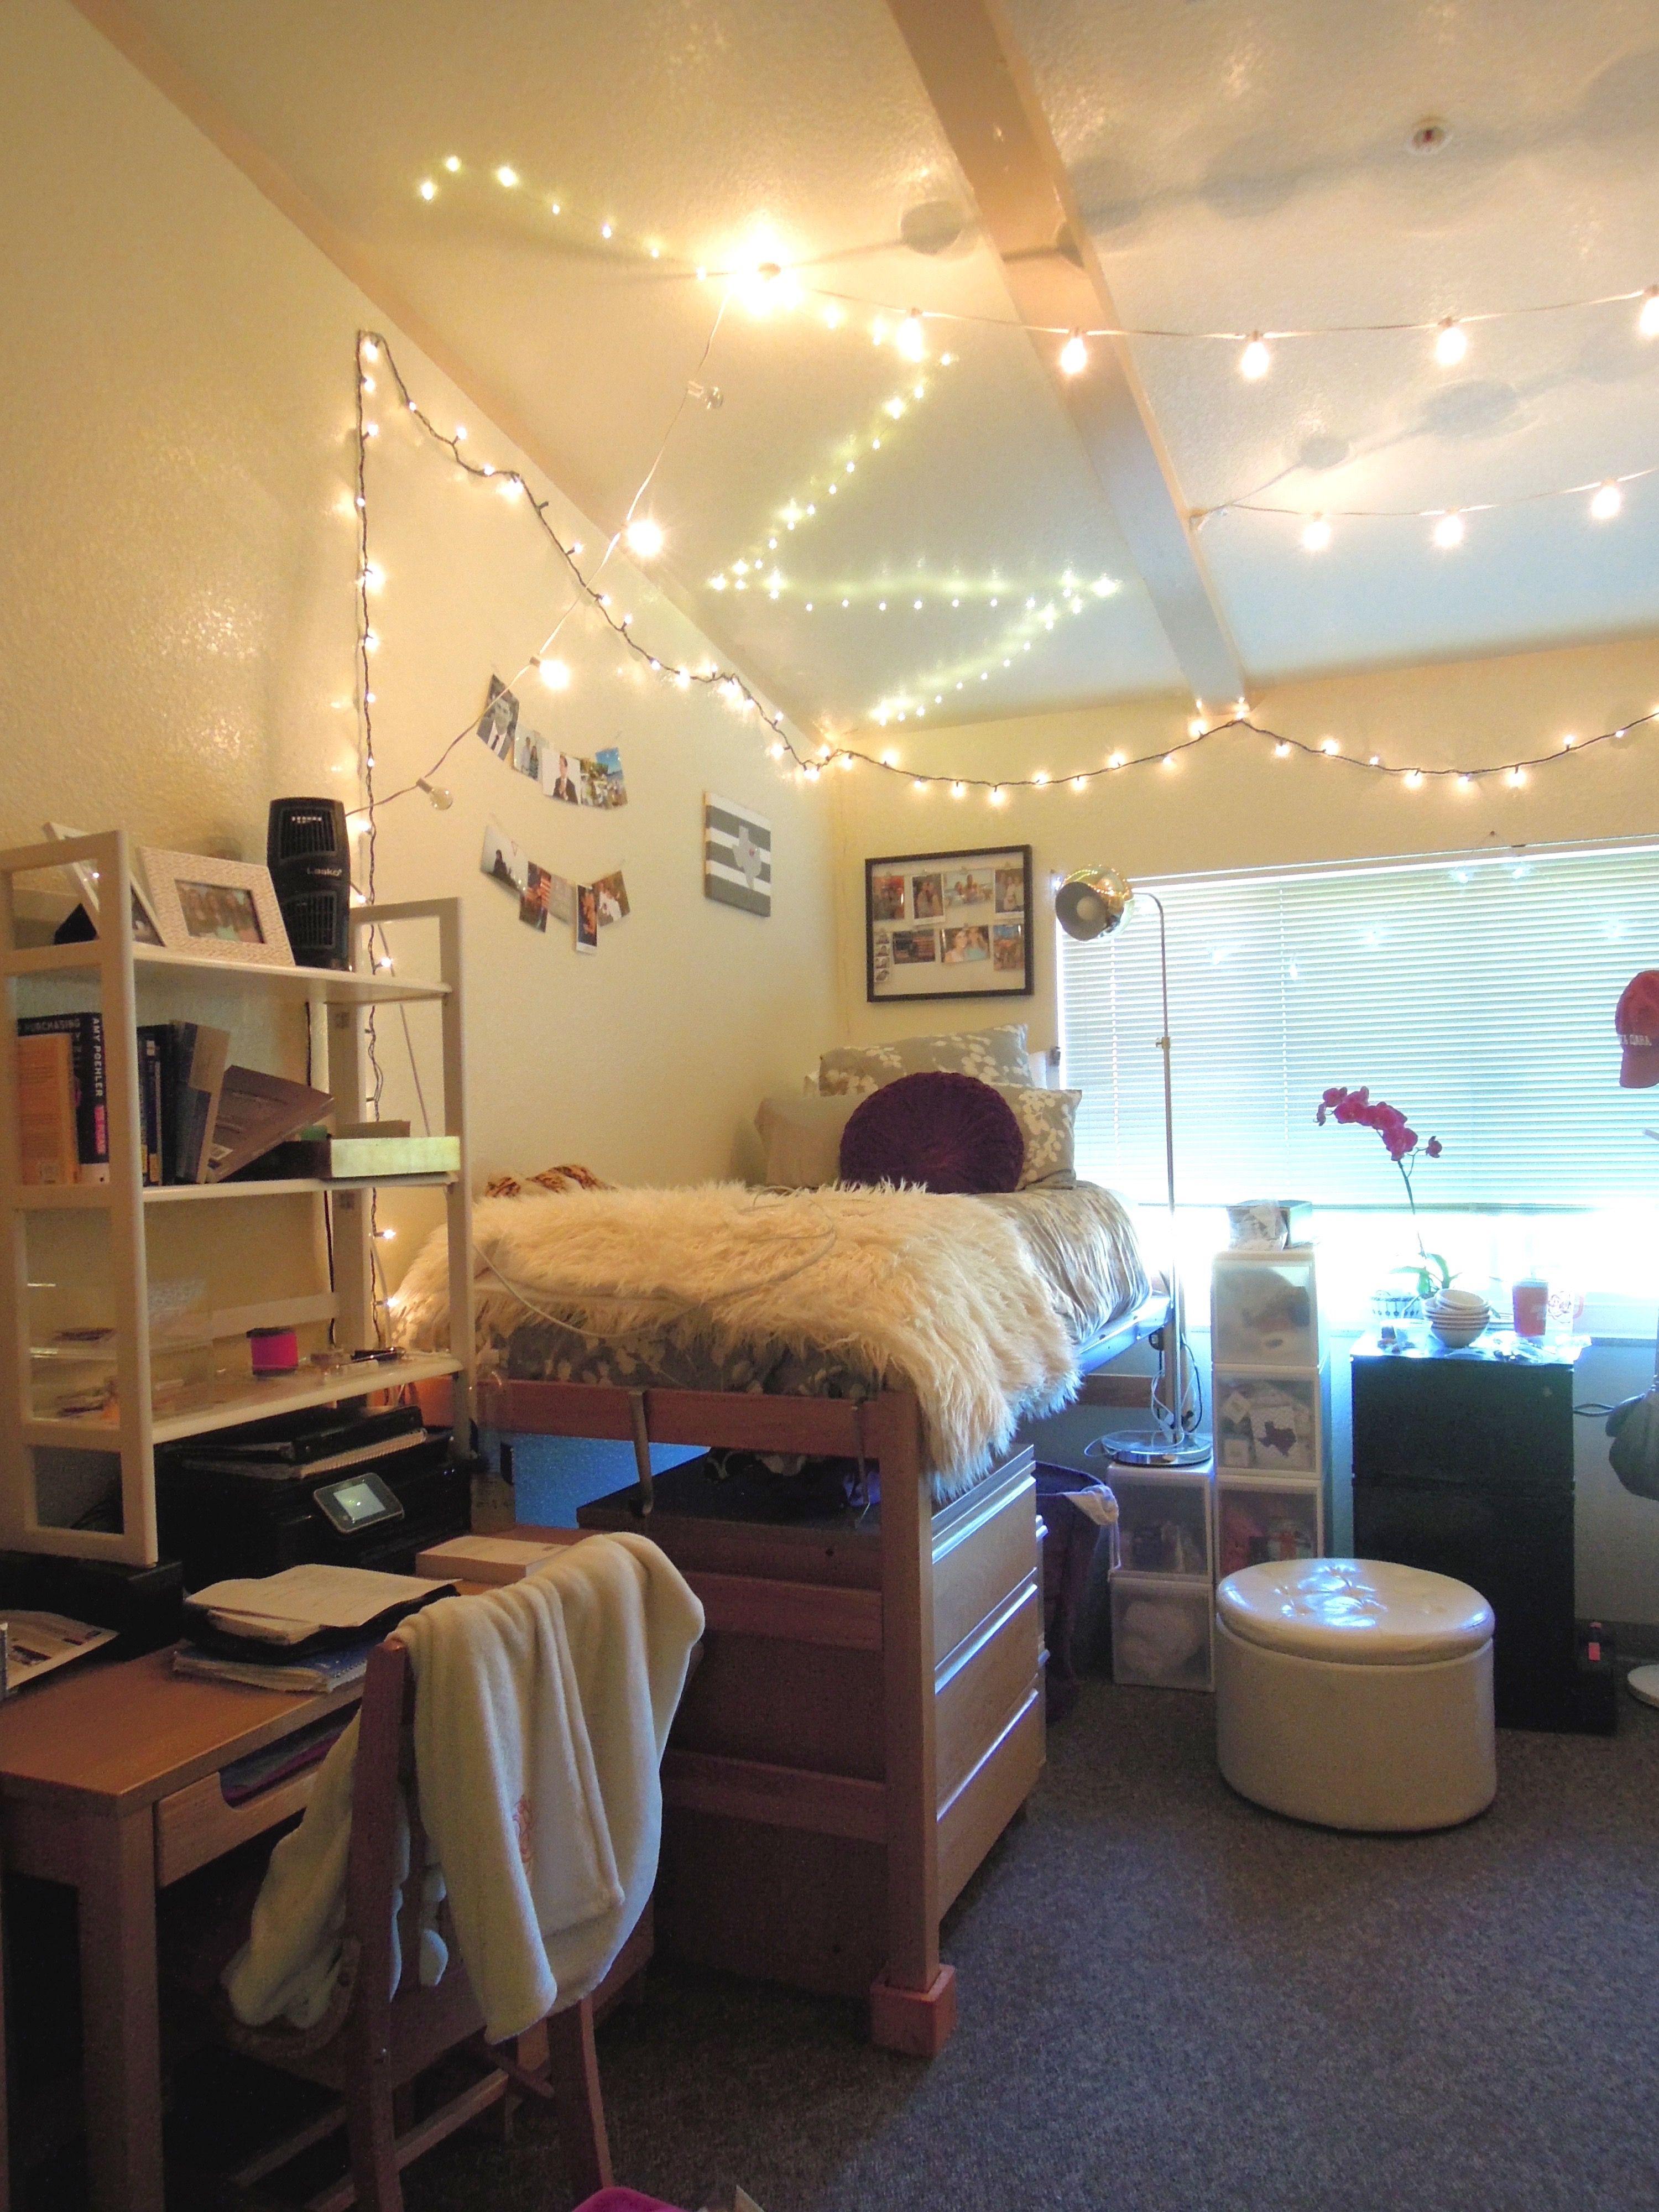 Santa Clara dorm in Campisi Residence Hall Photo by @mag_e_moo ...